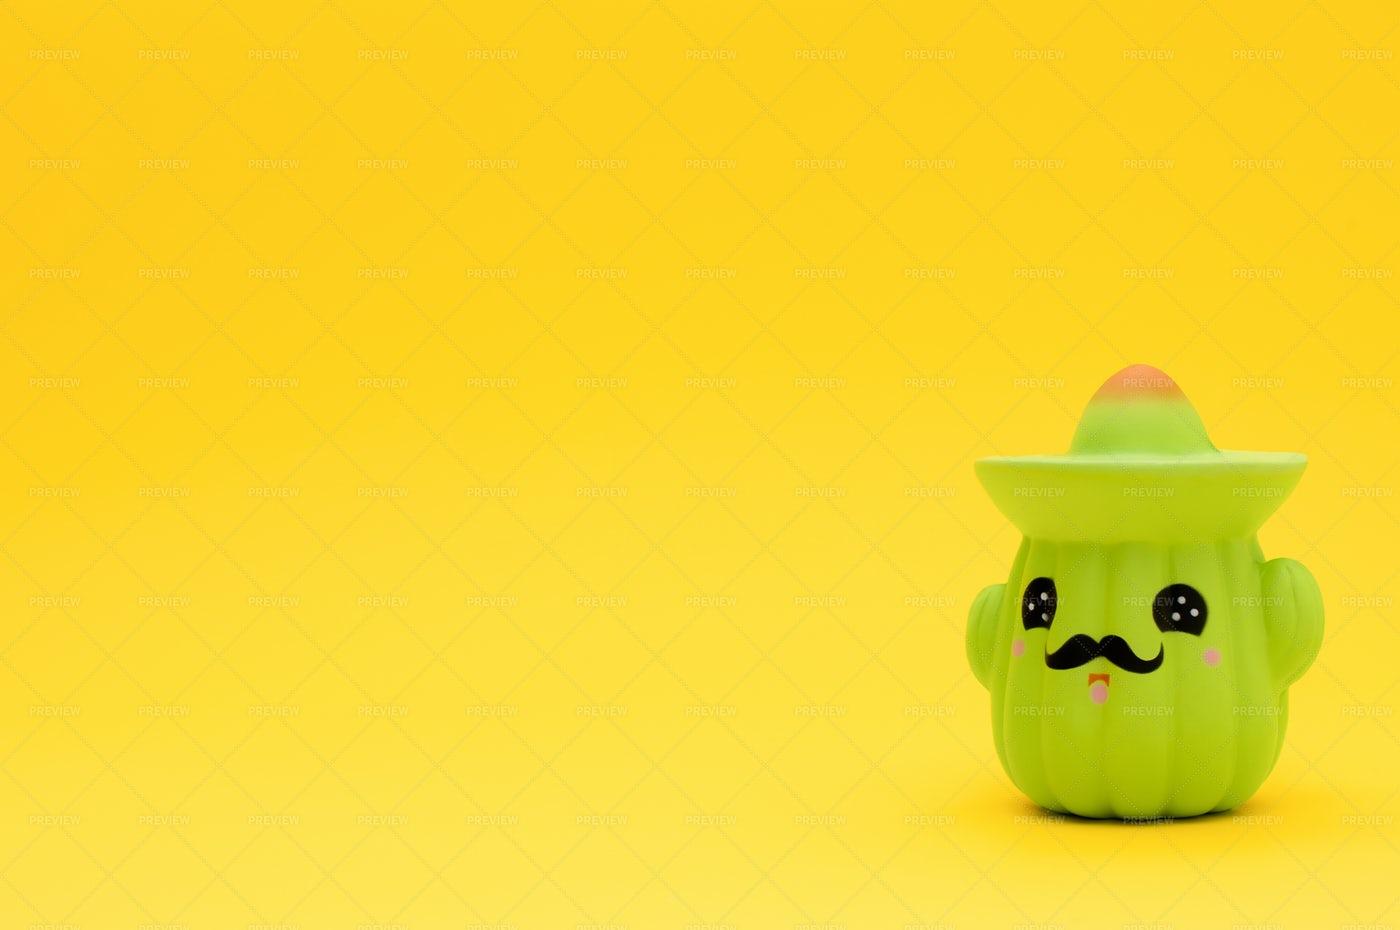 Toy Cactus In Sombrero On Yellow: Stock Photos